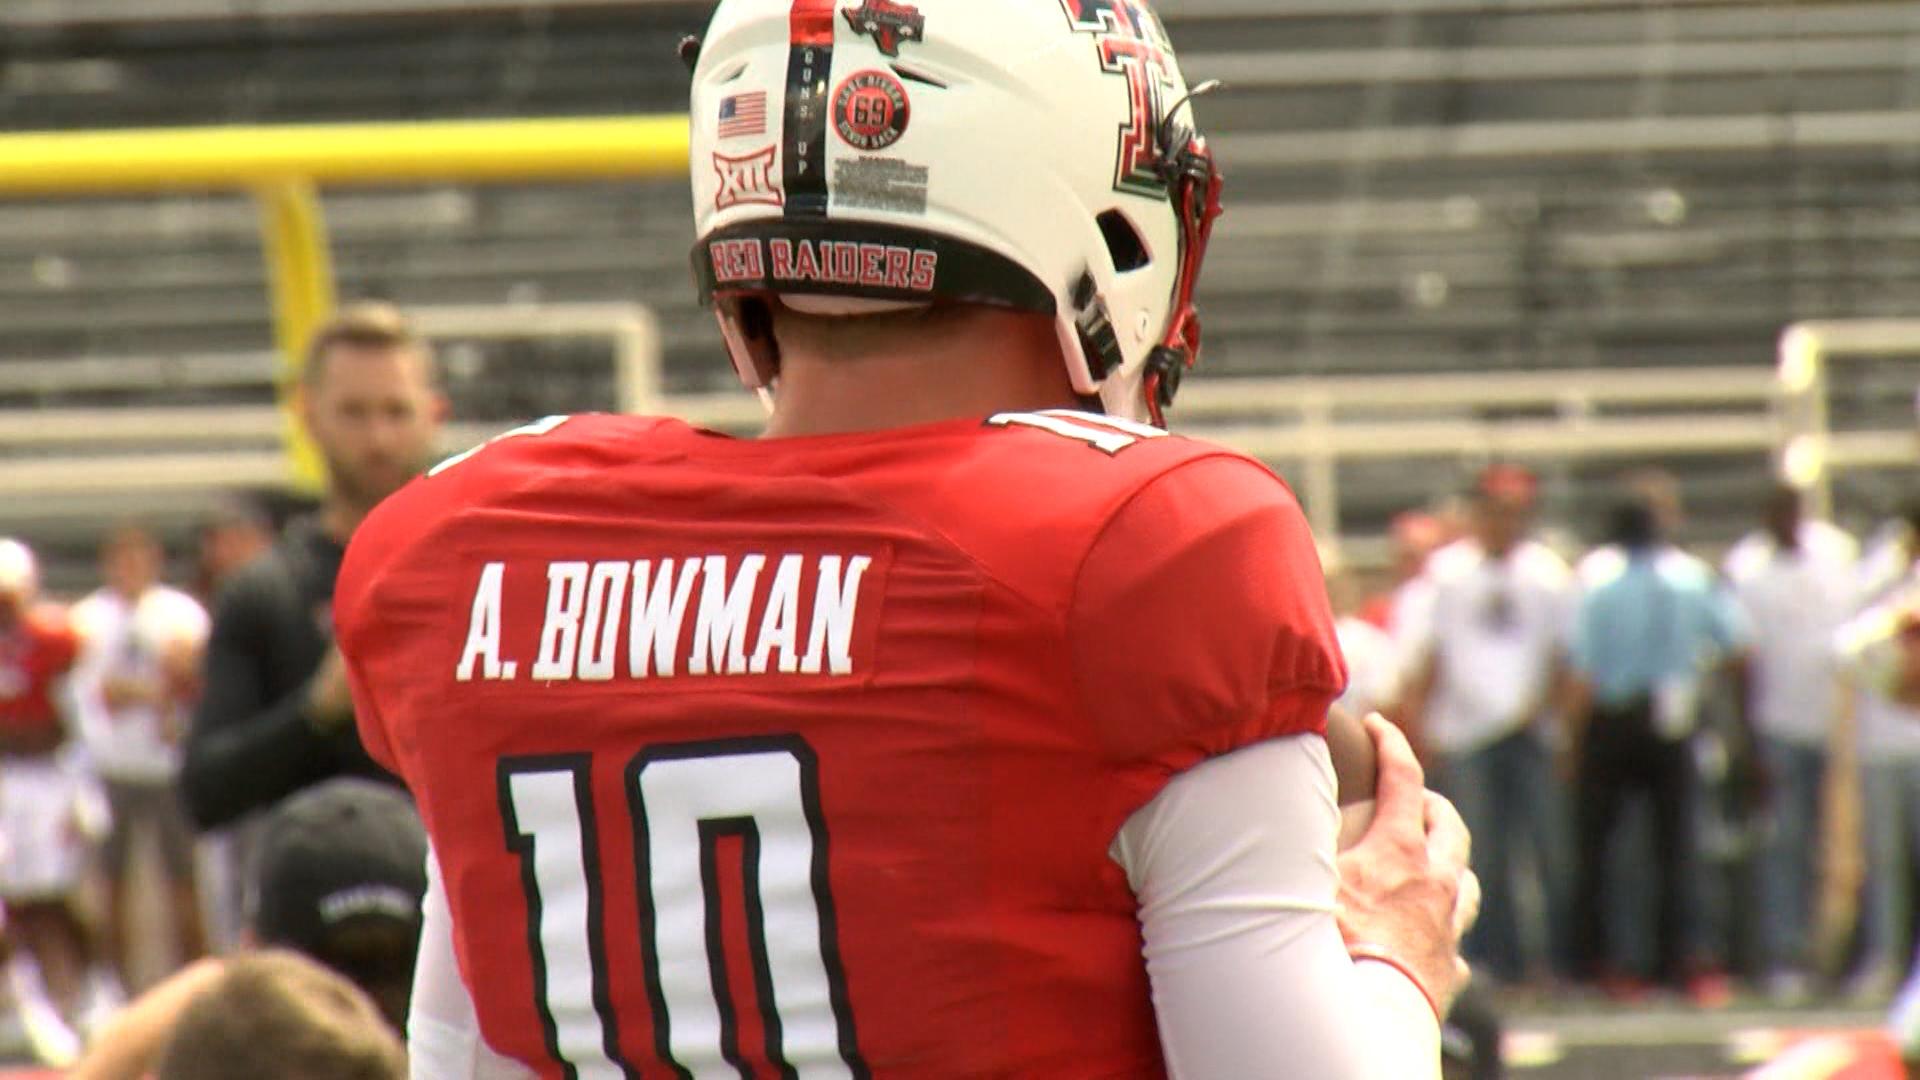 Alan Bowman